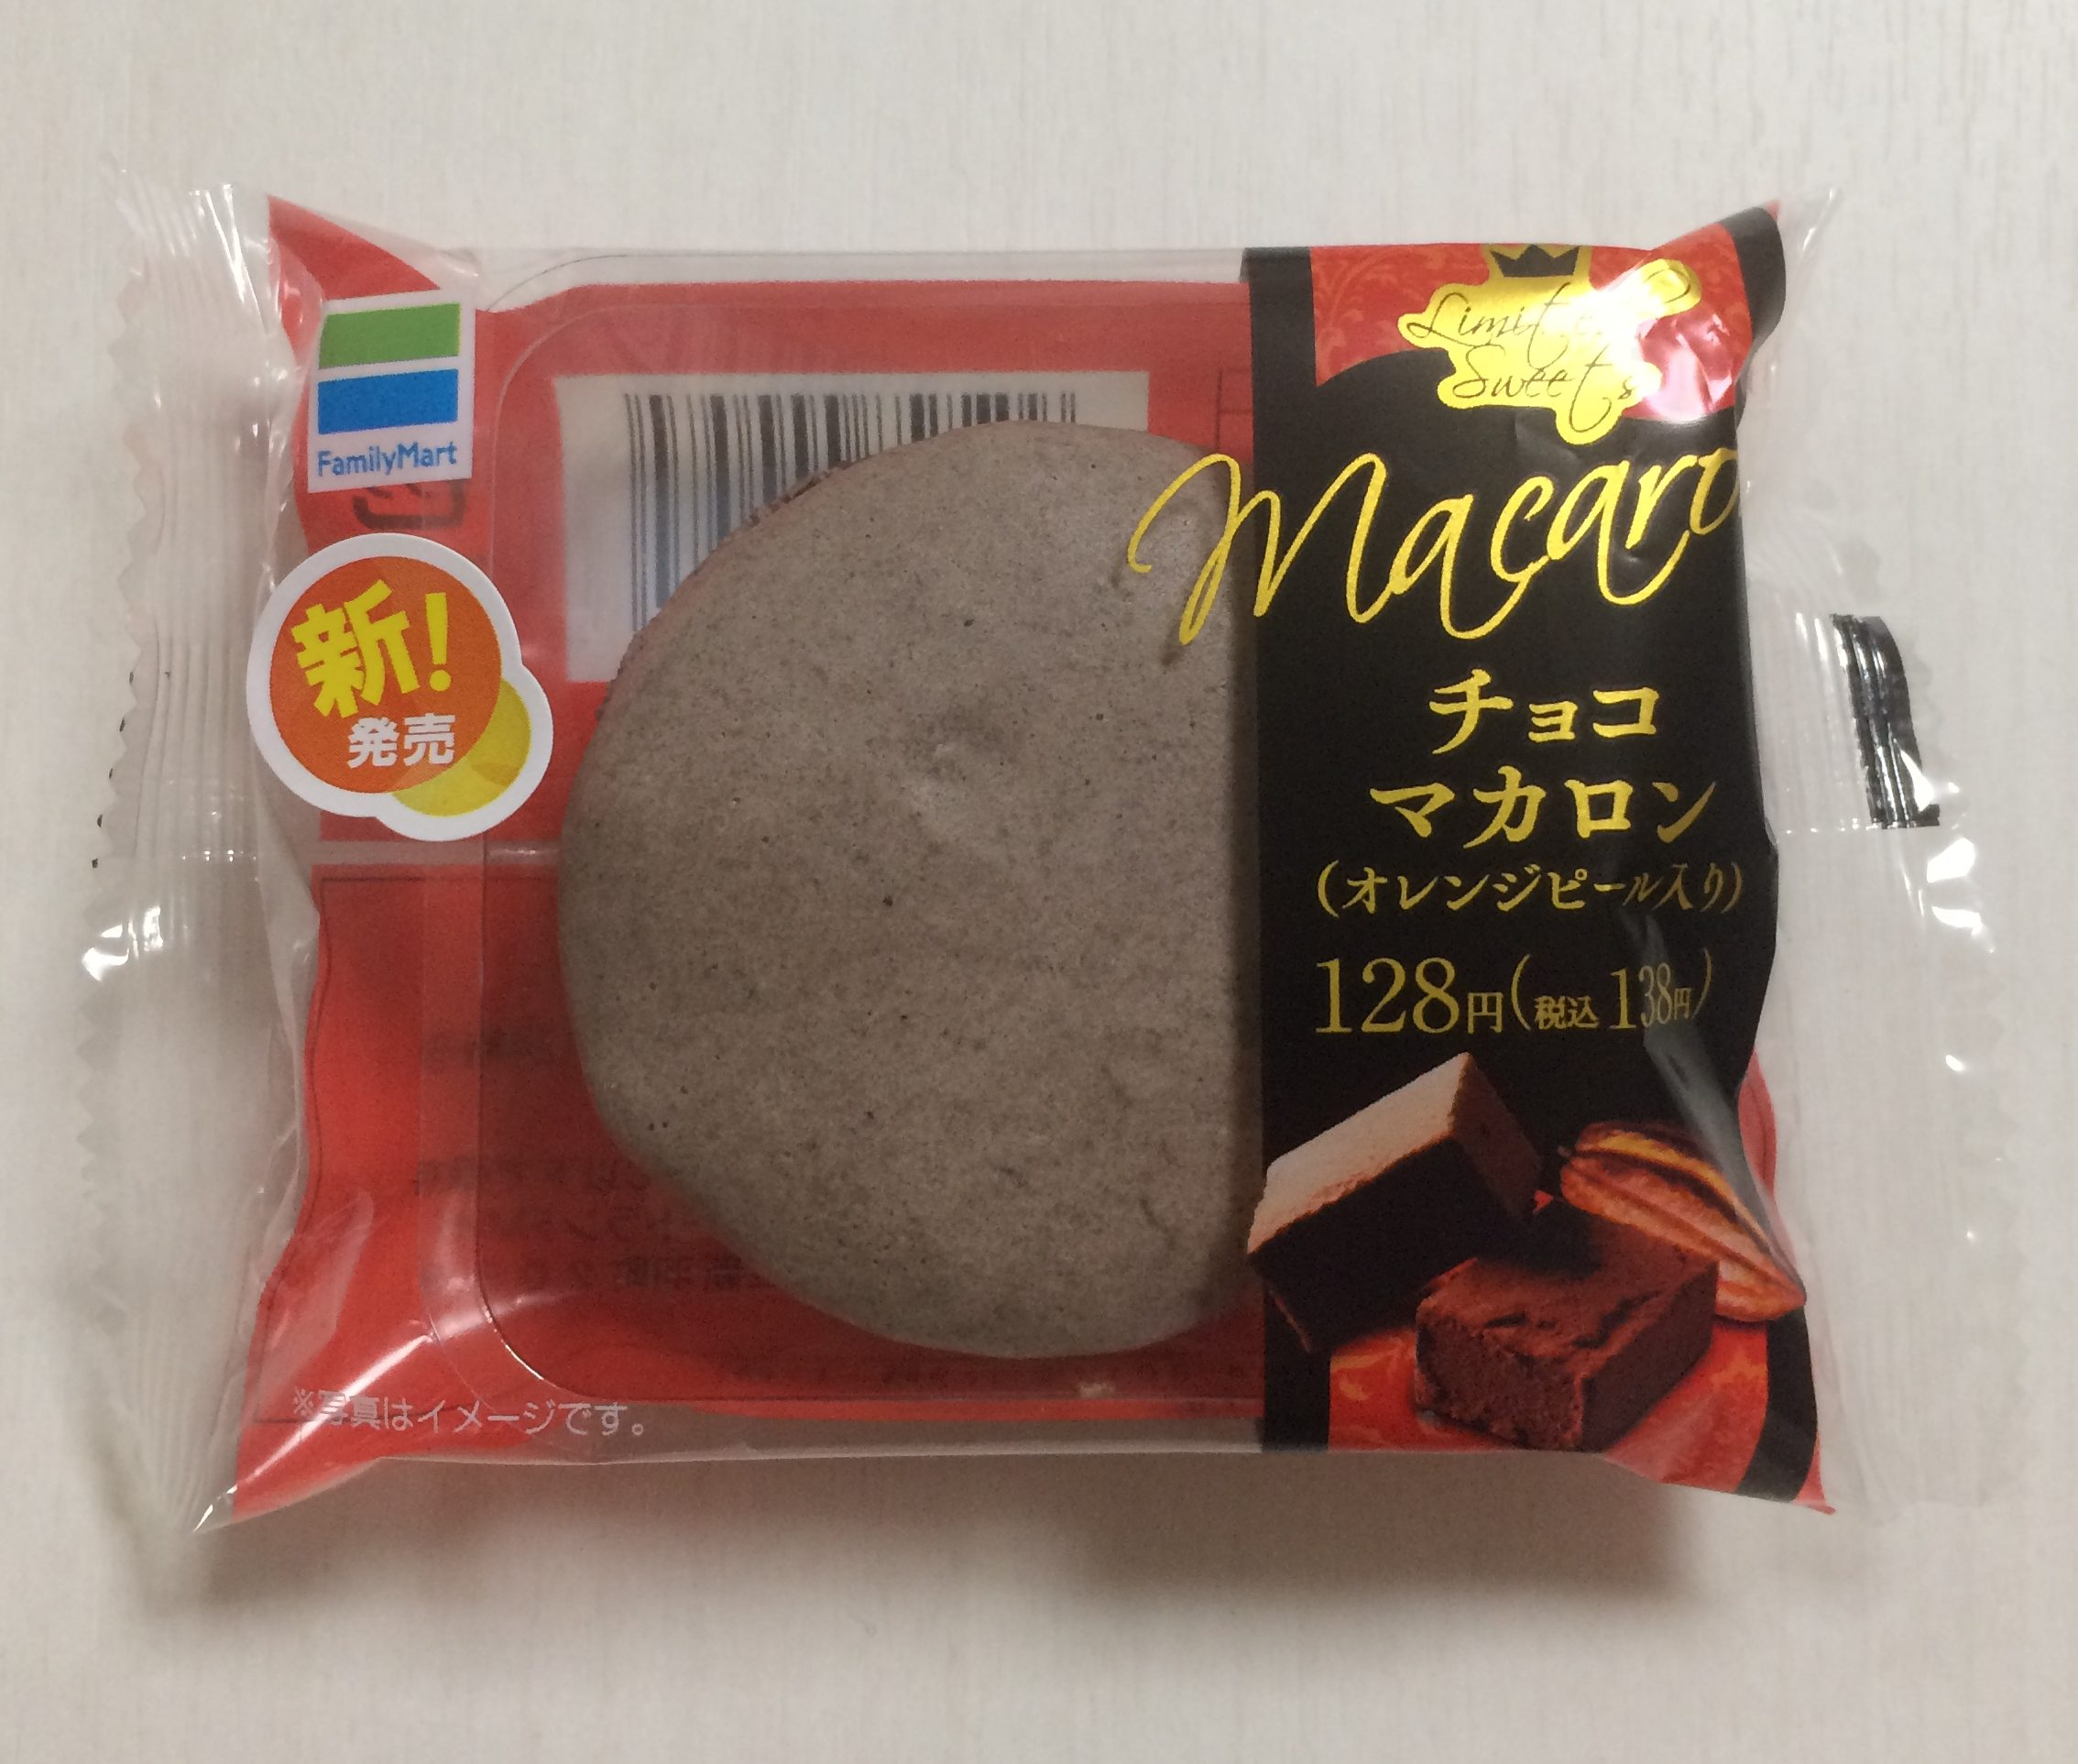 【ファミリーマート】チョコマカロン(オレンジピール入り) 食べた感想